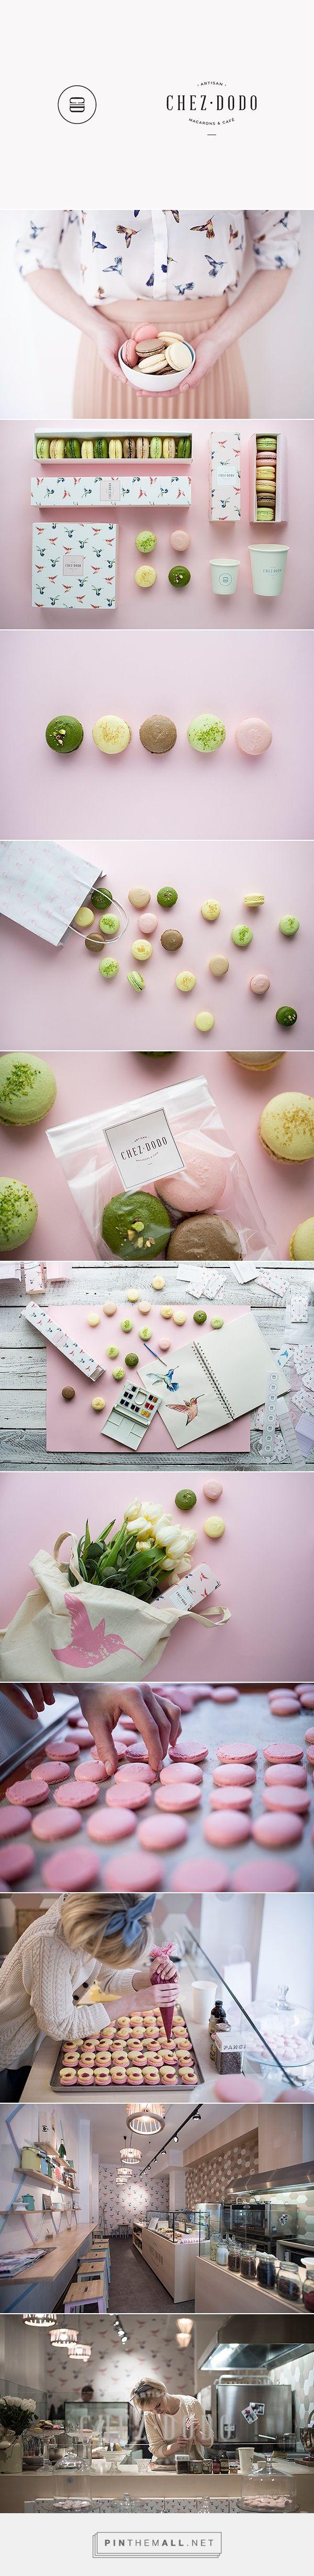 C H E Z D O D O | art direction & graphic design for an artisan macaron manufacture